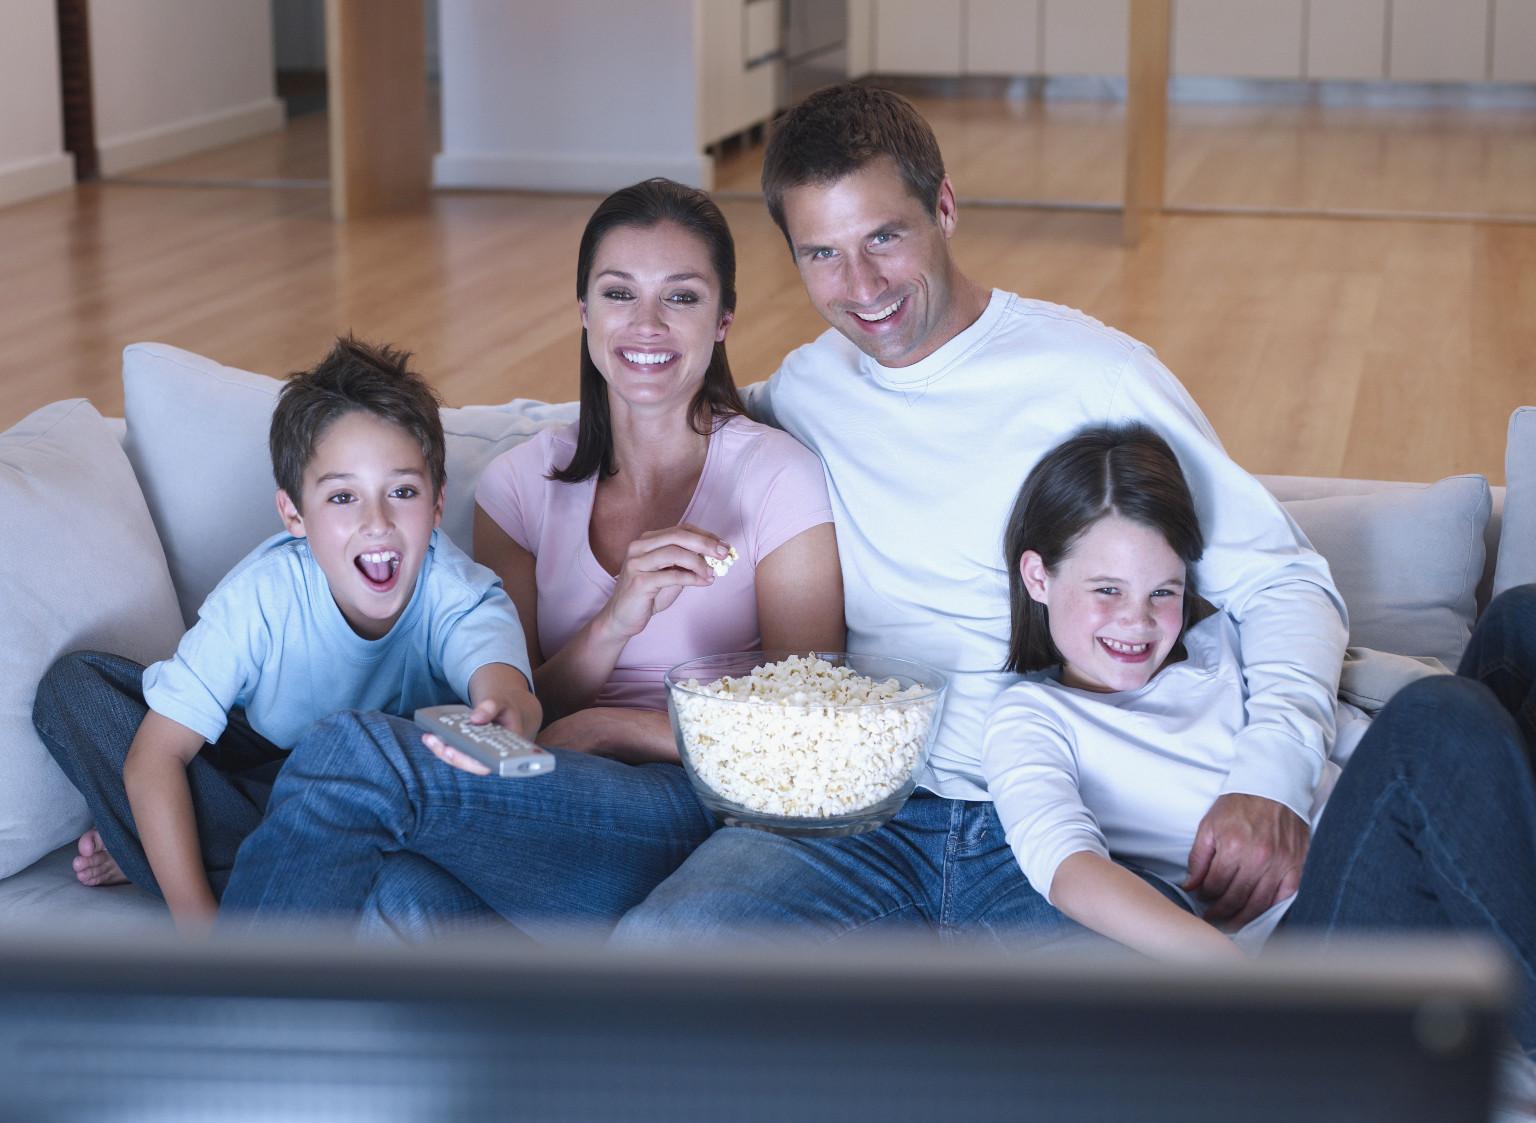 14 Filmes Para Assistir No Netflix Com As Crianças